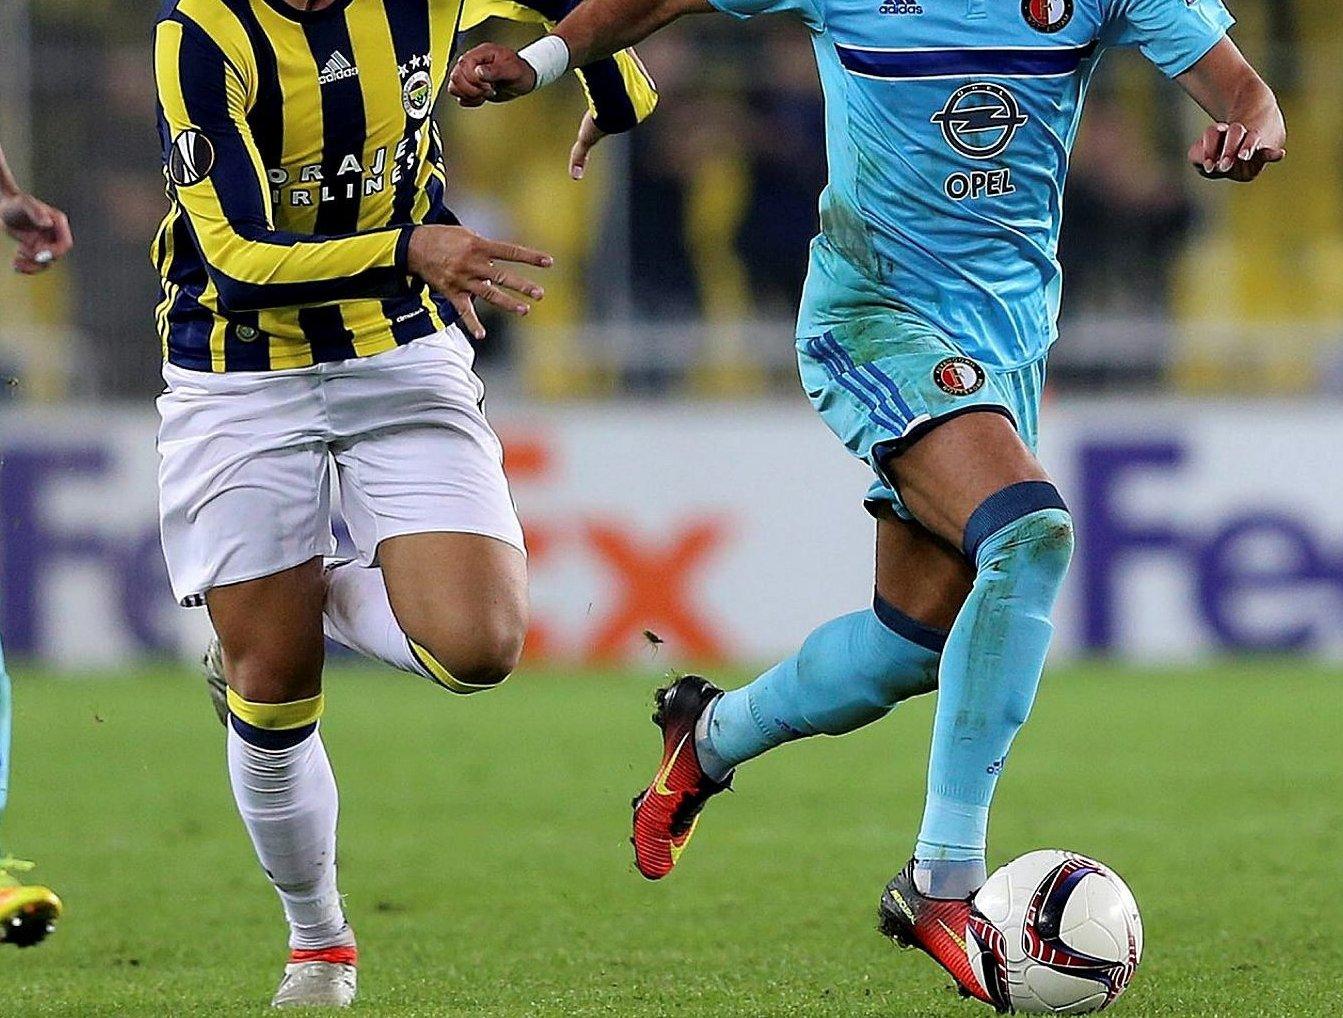 CANLI | Feyenoord 0-0 Fenerbahçe